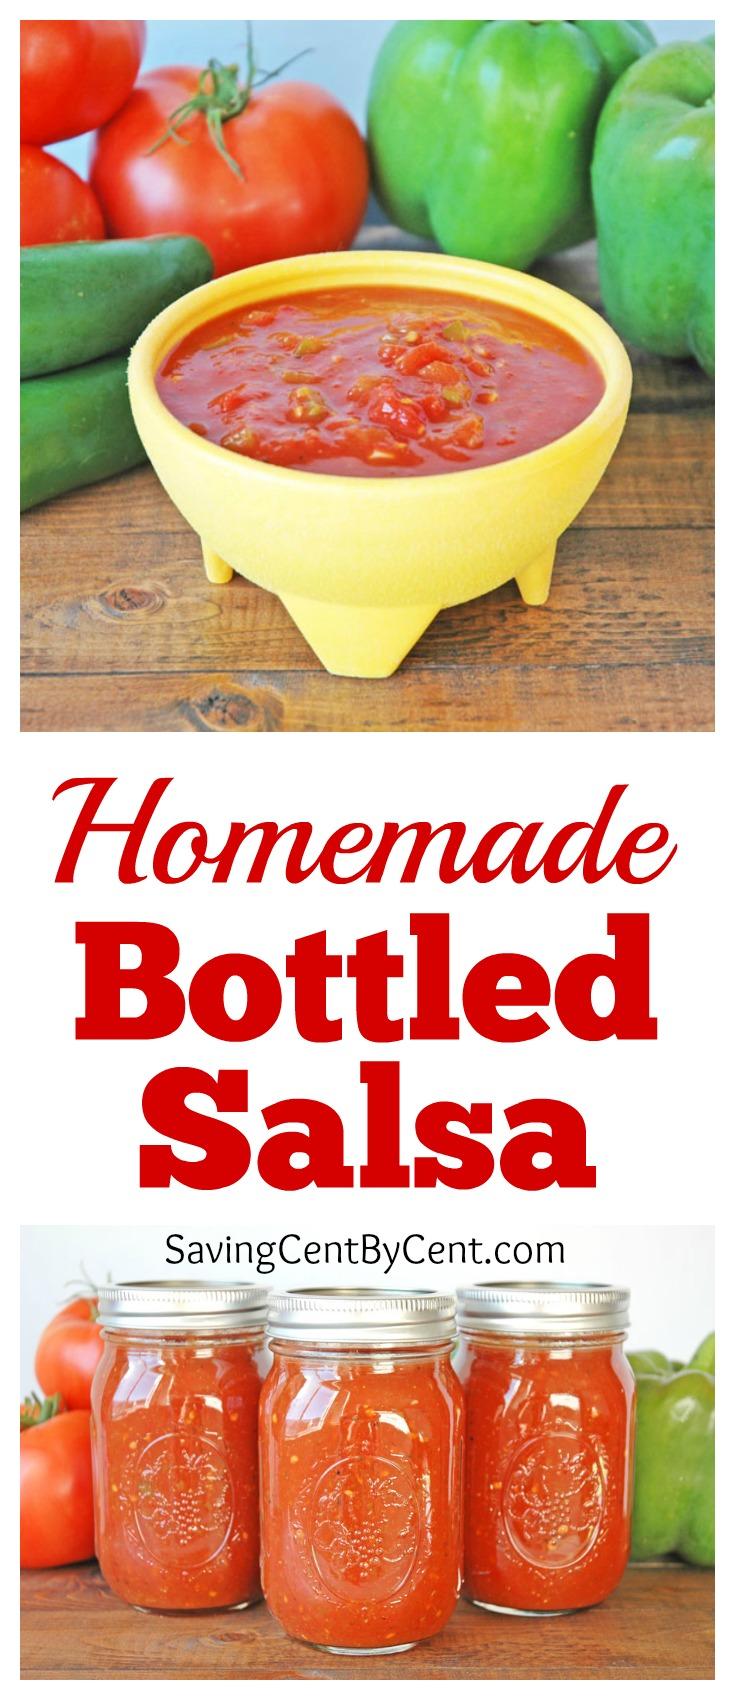 Homemade Bottled Salsa